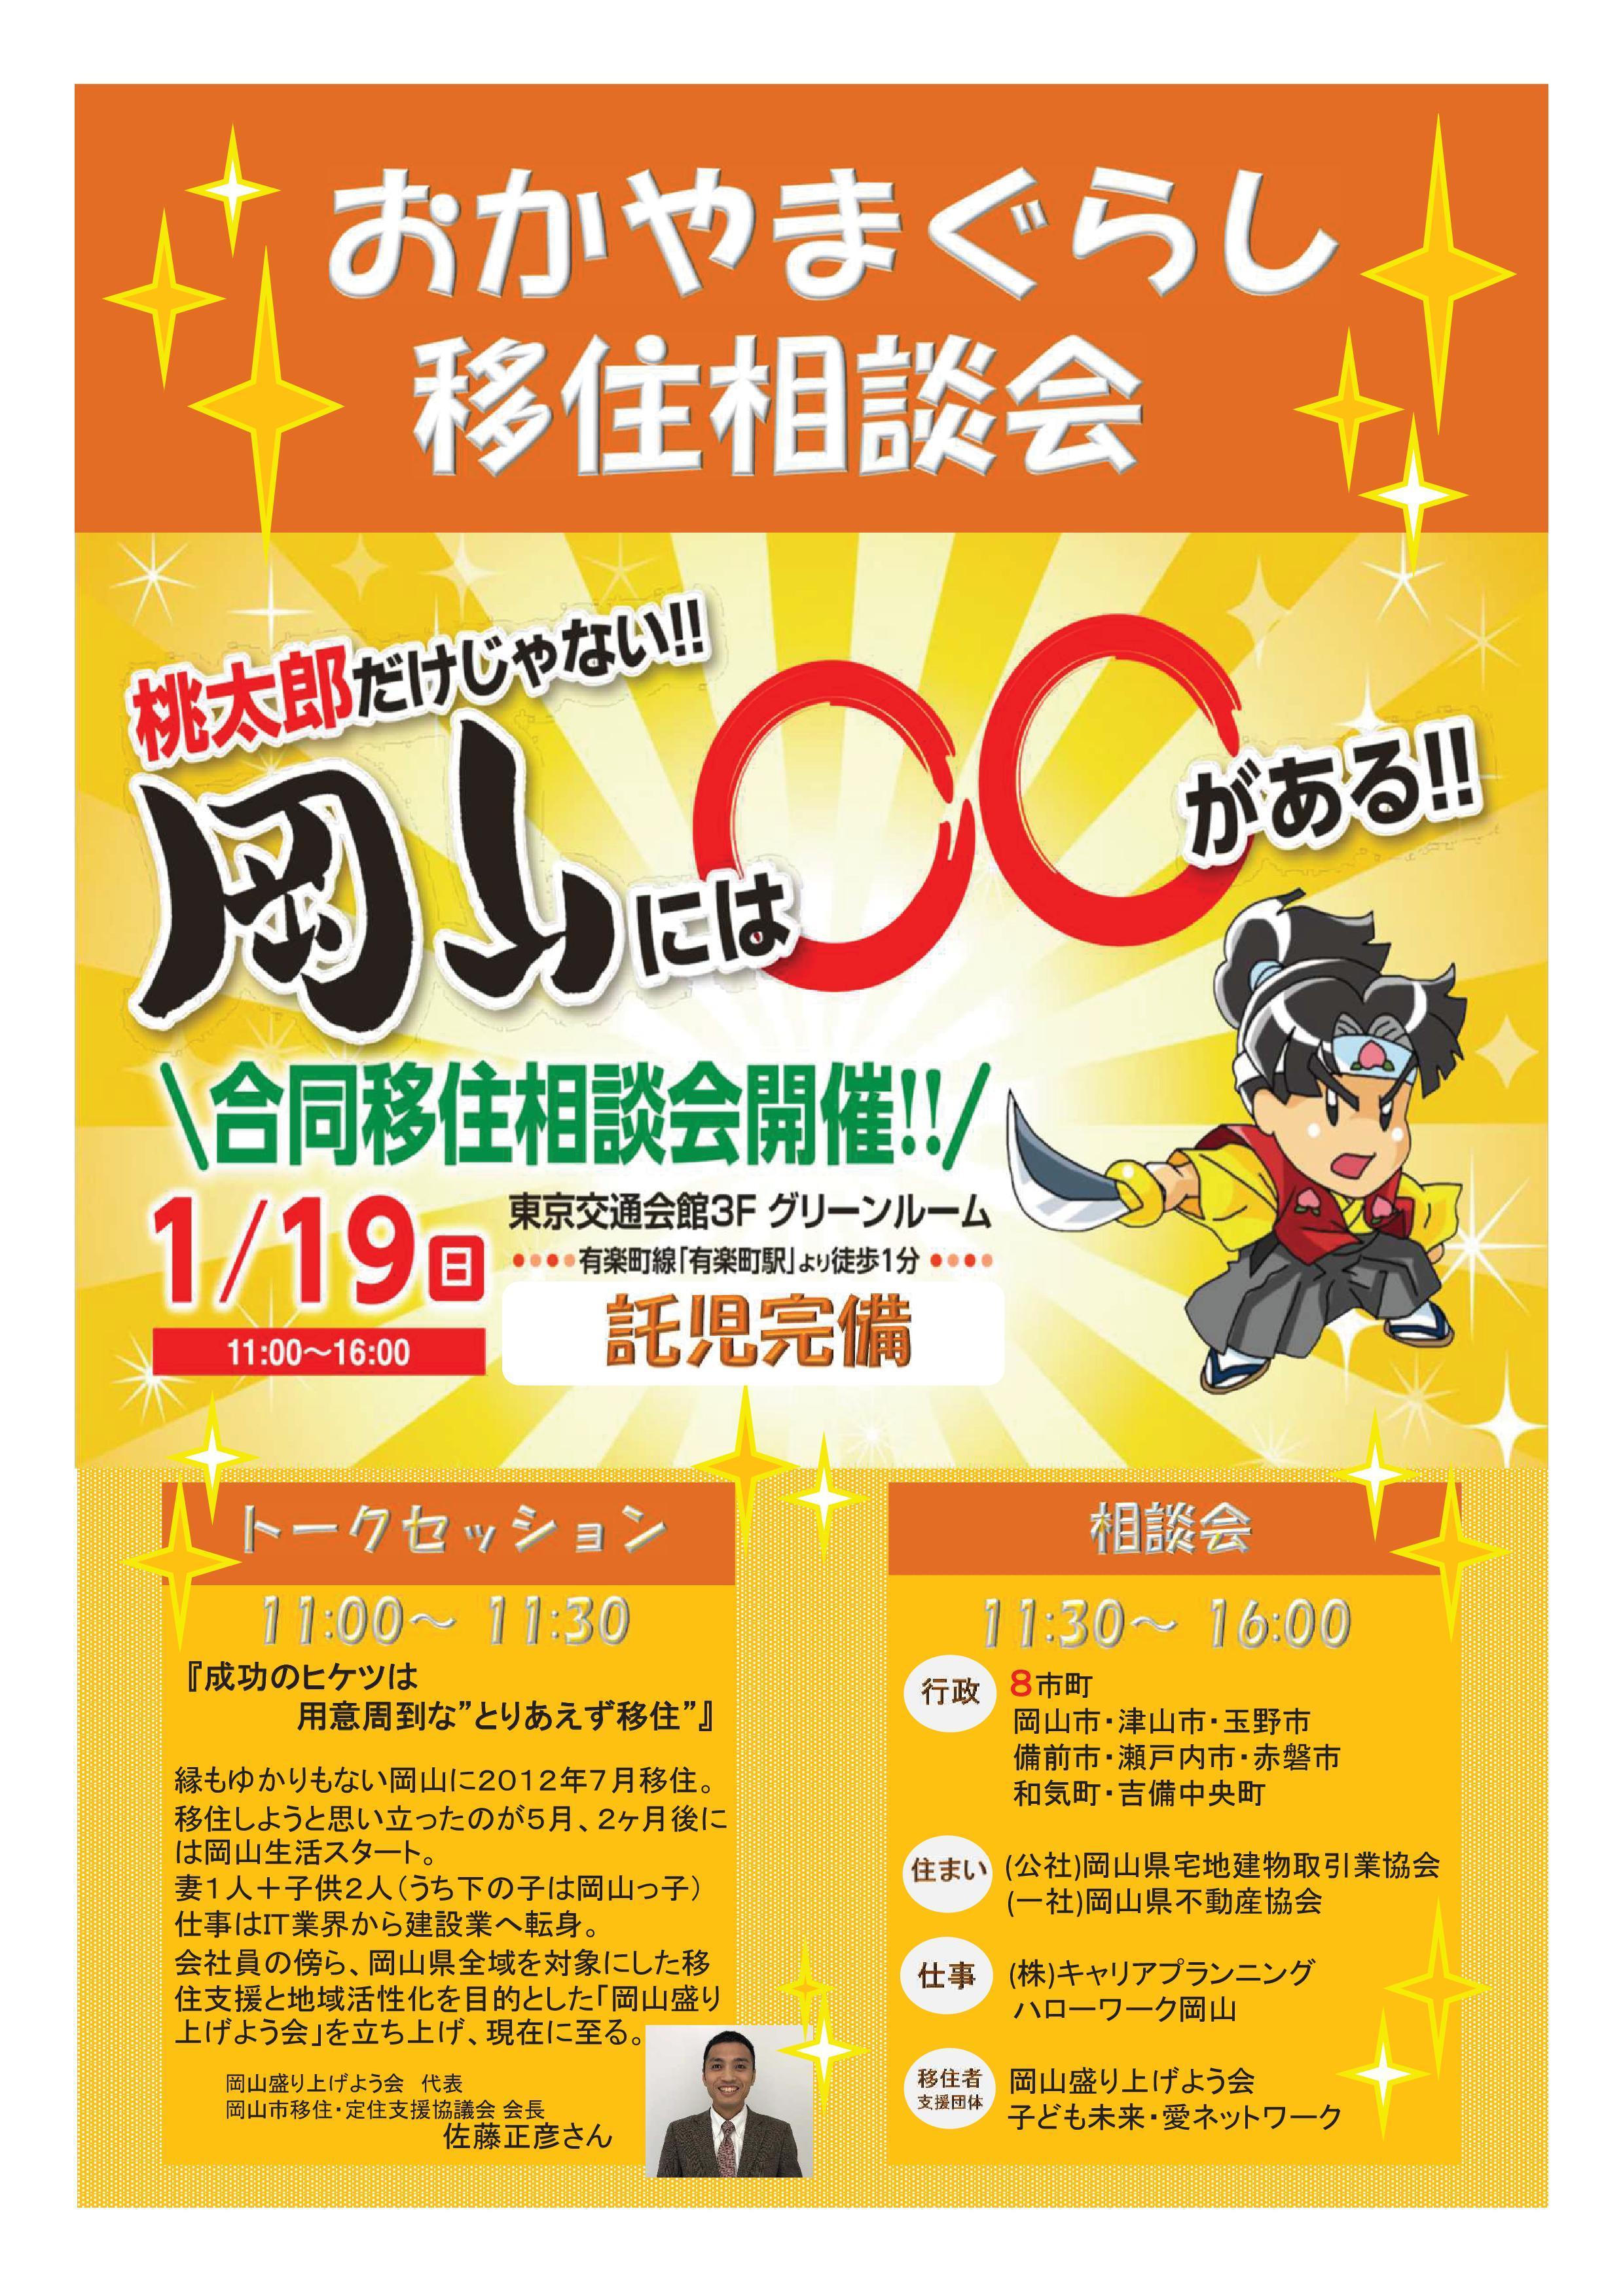 2020年1月19日(日)開催 おかやまぐらし移住相談会に津山市も参加します